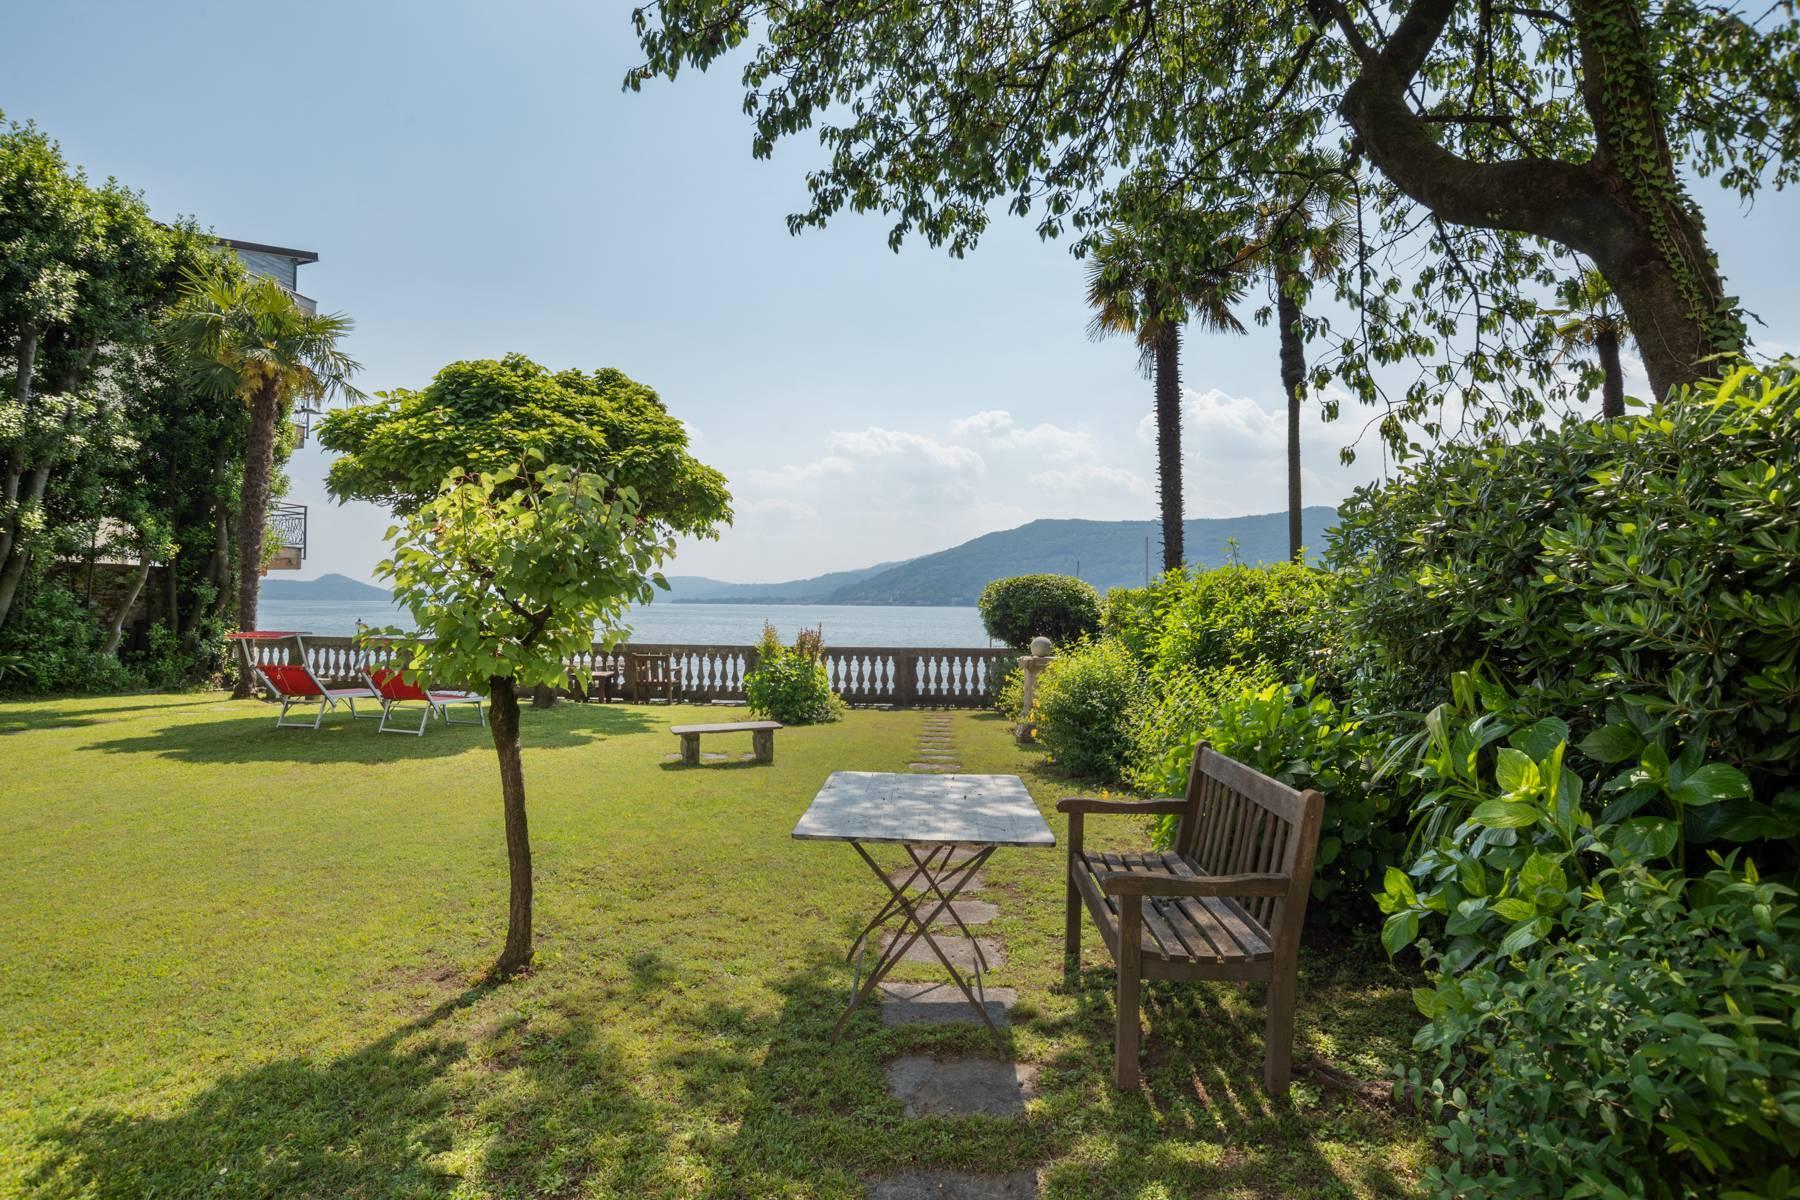 Casa storica direttamente sul lago Maggiore - 43